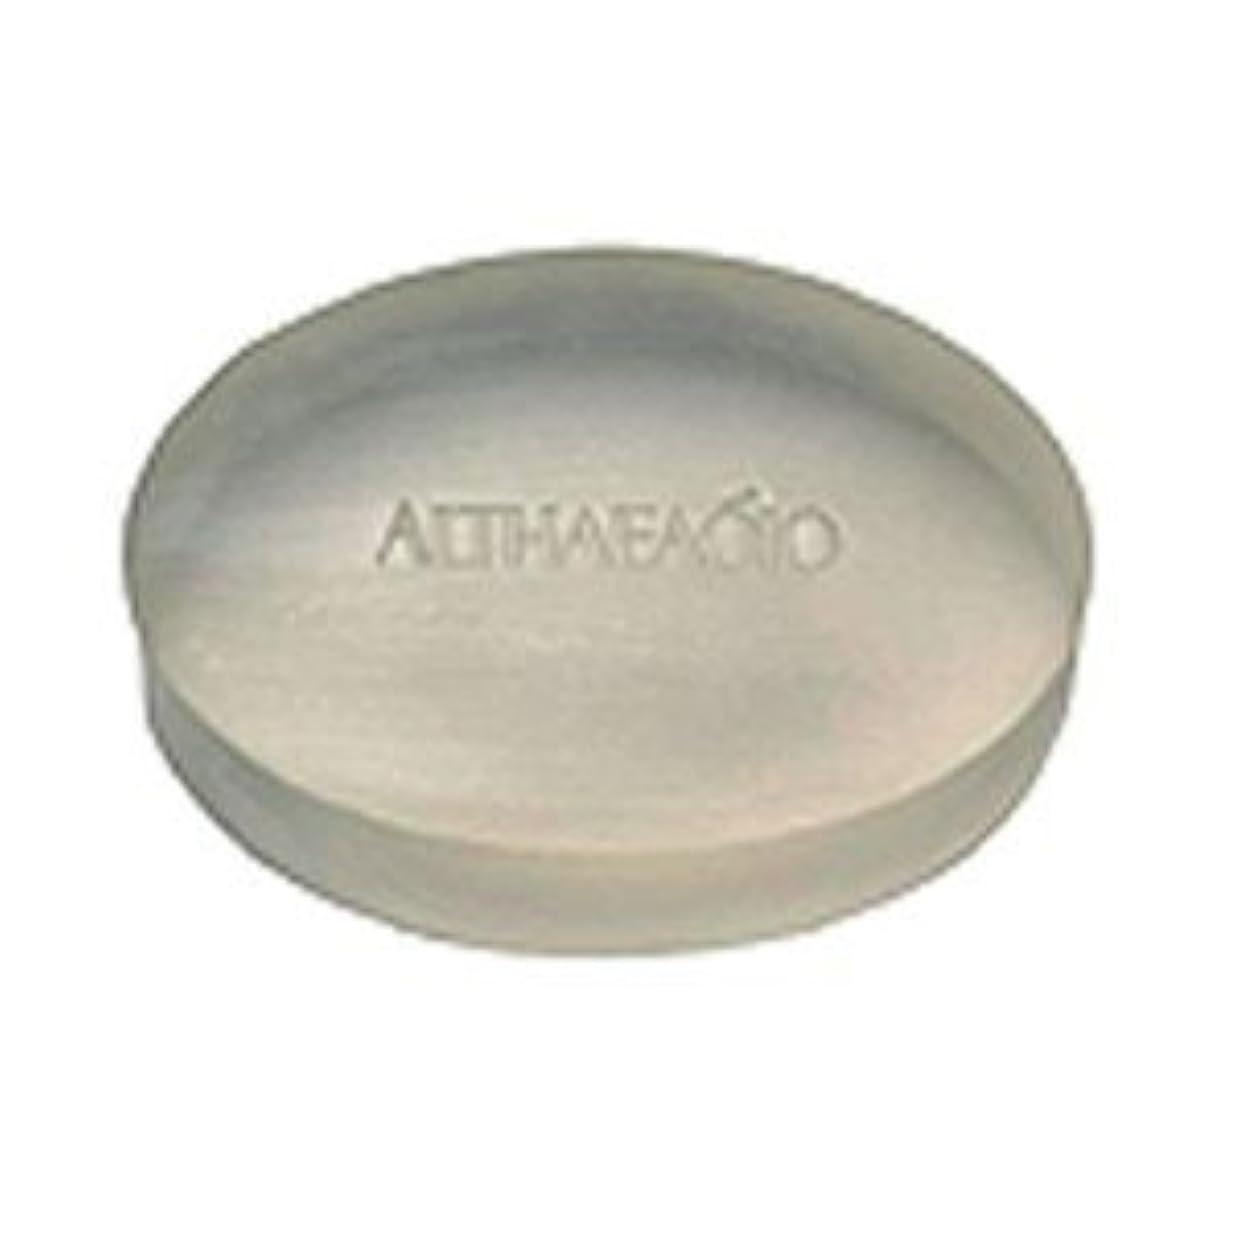 報復する素敵なオーガニックセプテム エルテオ ソープ レフィル 100g 薬用洗顔石けん